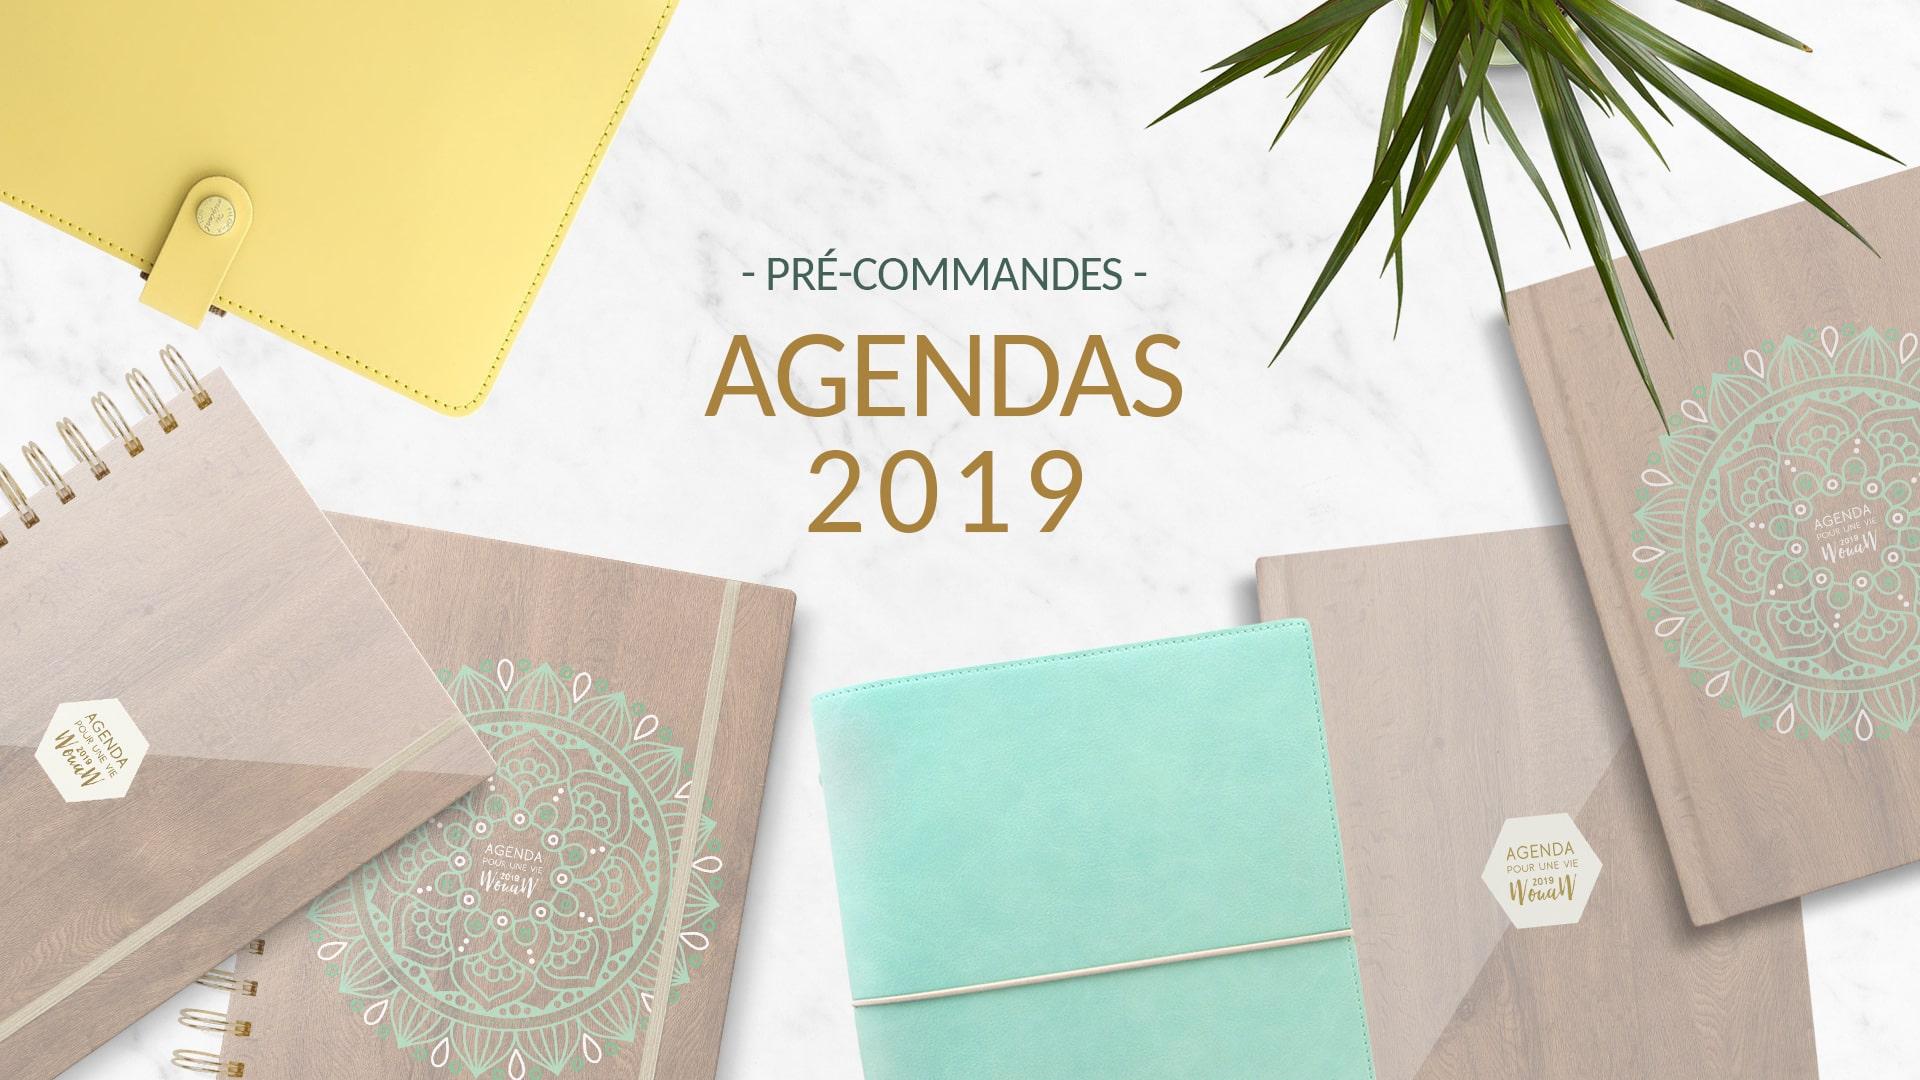 Retrouver sur www.happy-flow.fr les agendas de développement personnel 2019, les planners et les recharges pour planners A5.